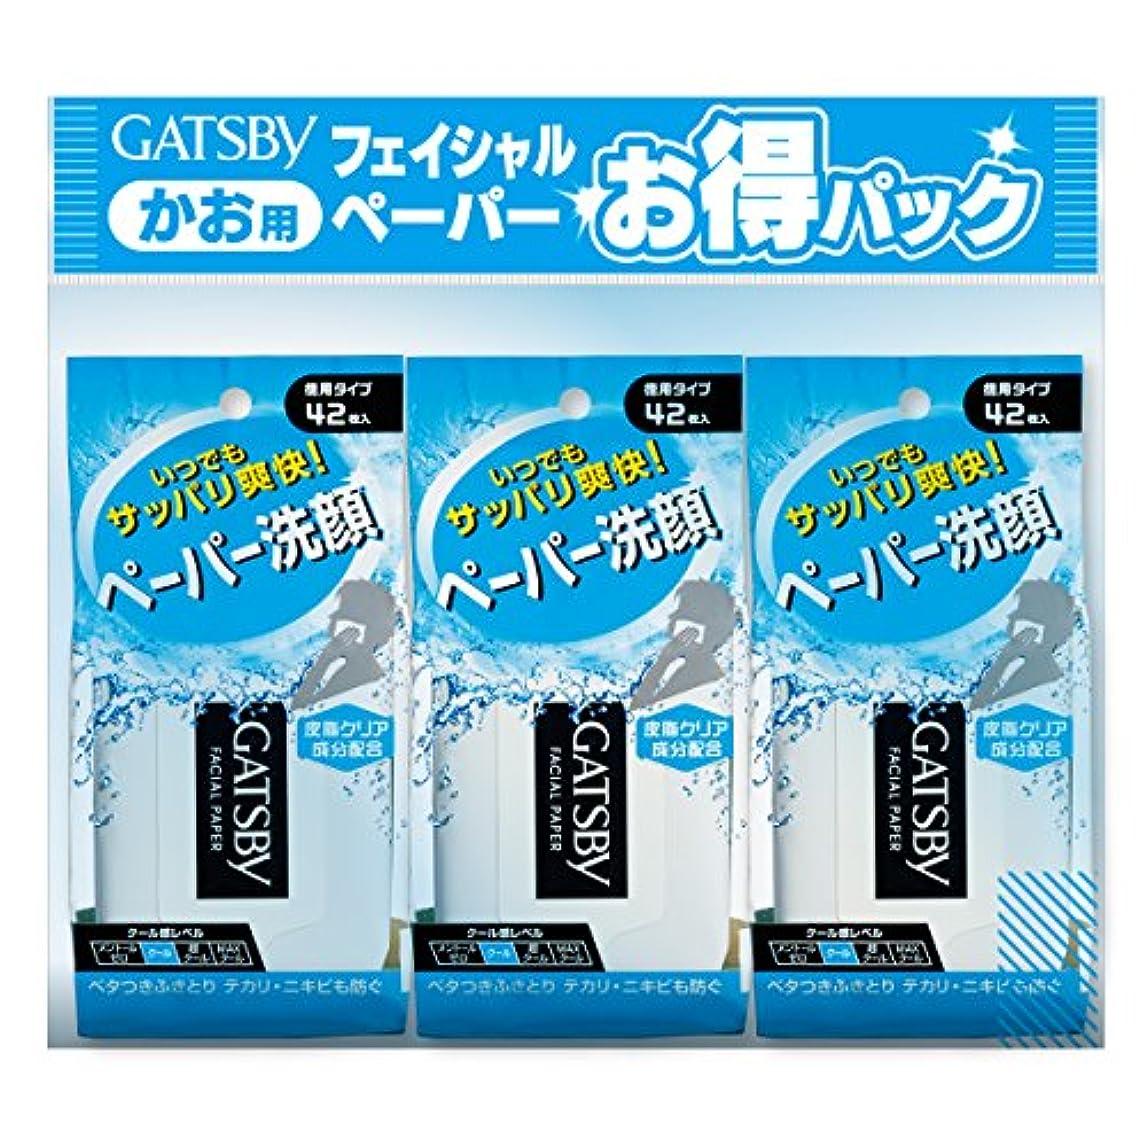 精通した誠実リップ【まとめ買い】GATSBY (ギャツビー)フェイシャルペーパー 徳用42枚×3個パック